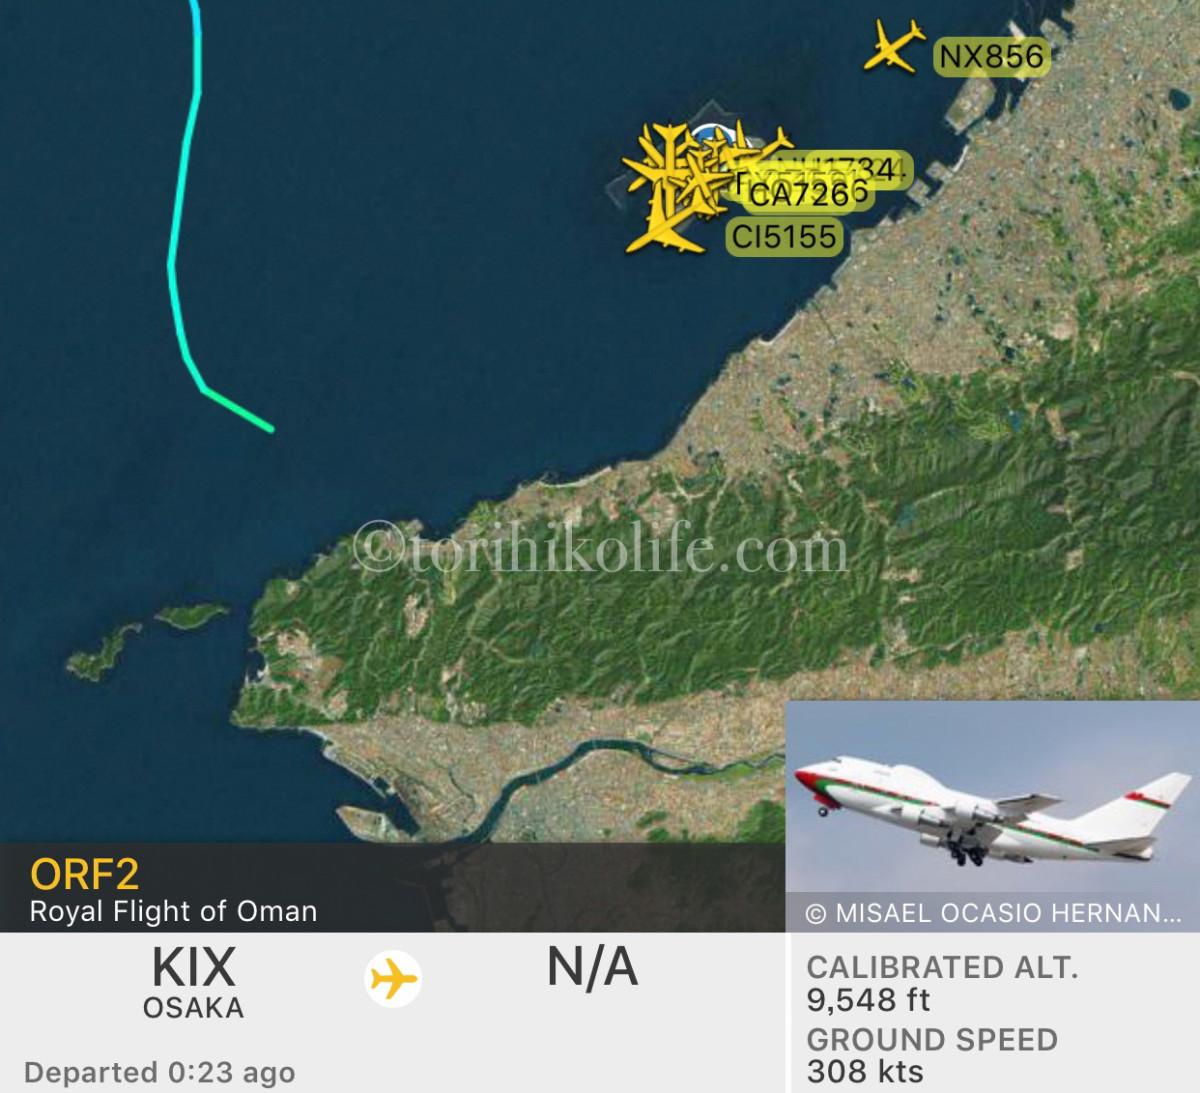 関西空港から離陸するオマーン政府専用機の位置を示したフライトレーダー24の画面